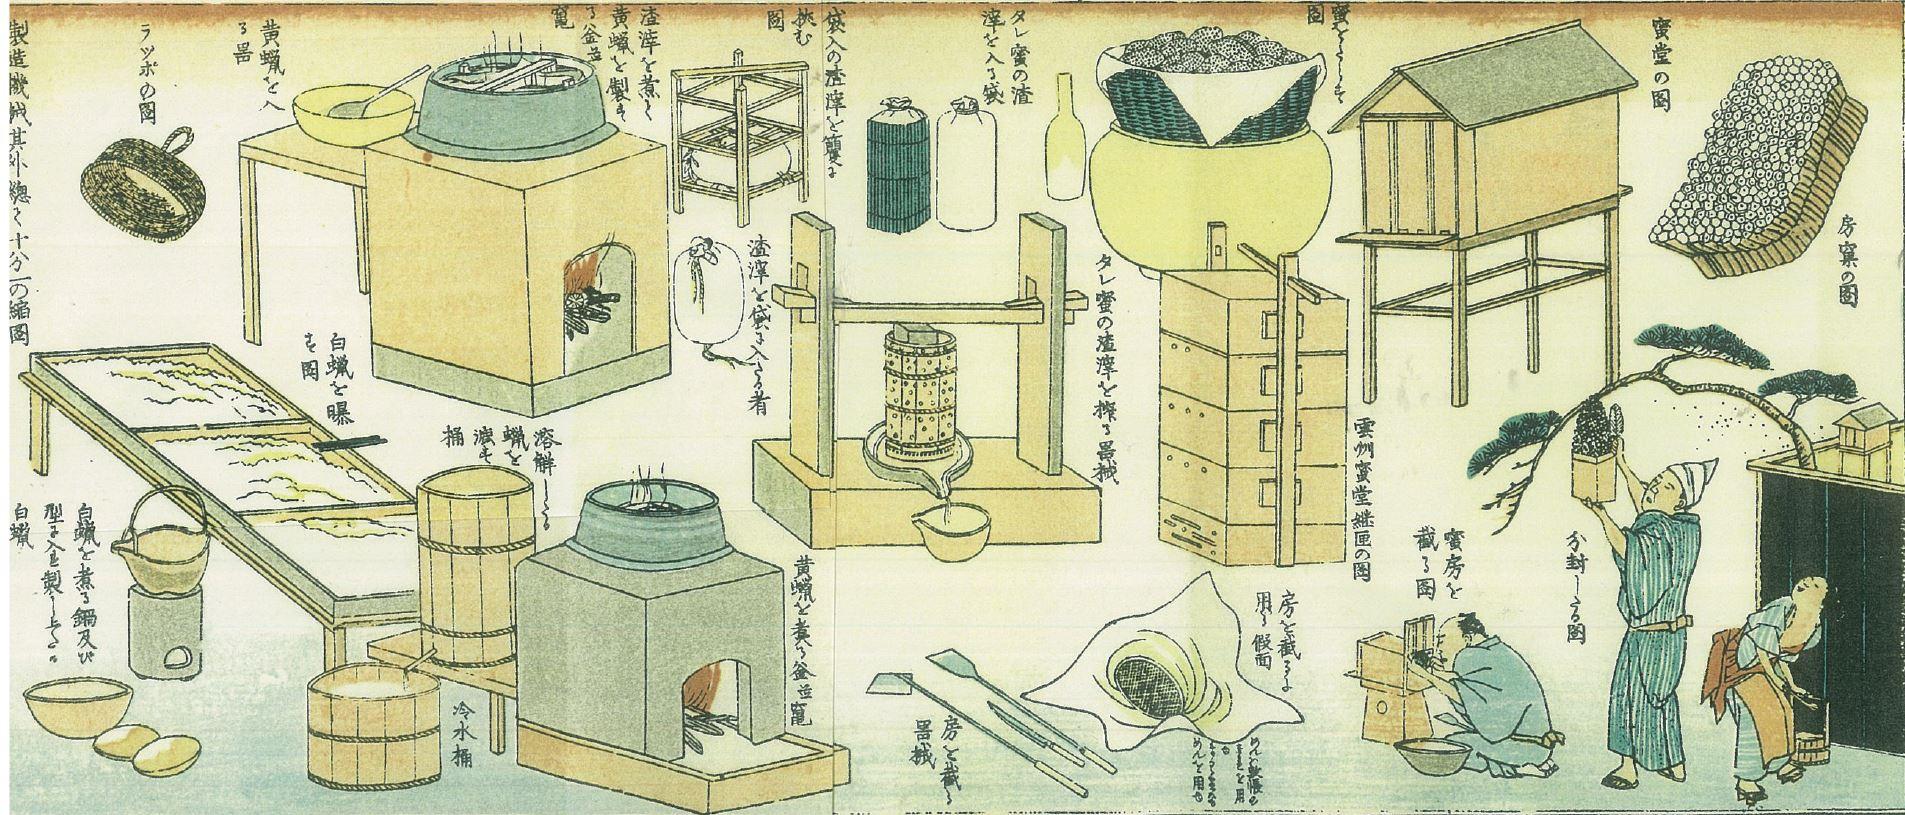 丹波修治 編撰、溝口月耕 図画 (1872 )教草(おしえぐさ)『蜂蜜一覧』